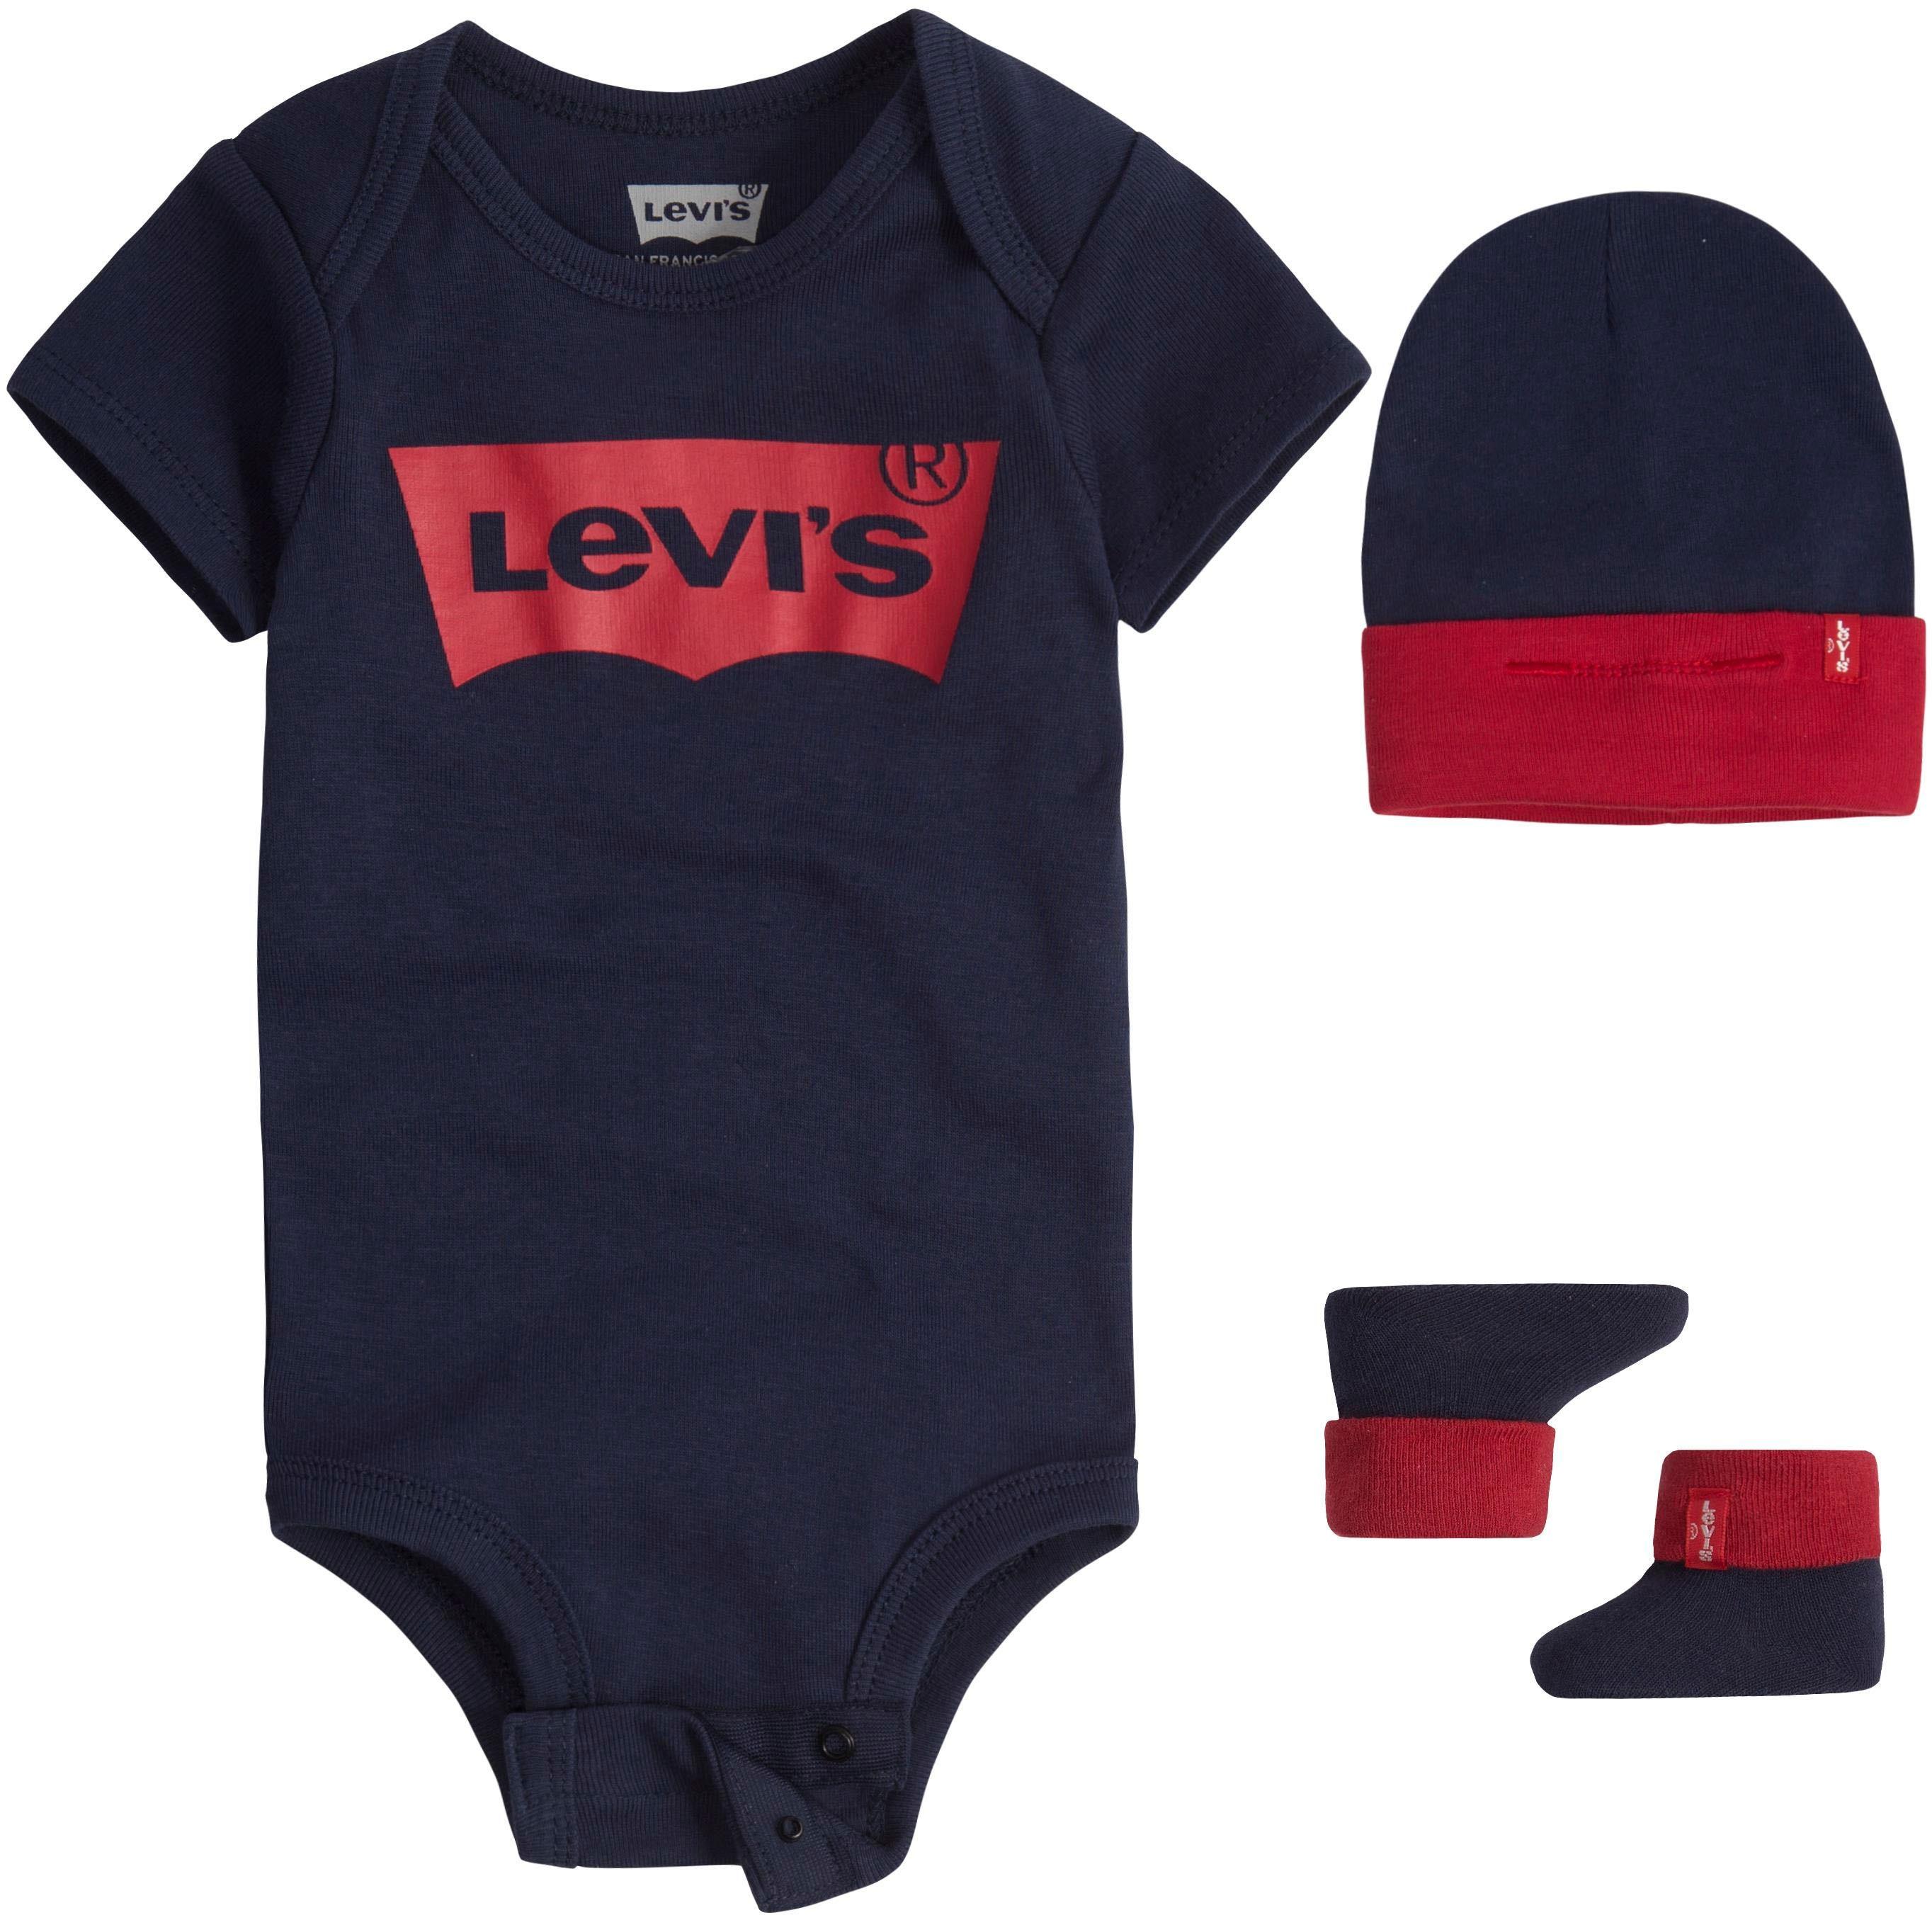 Levi's Kidswear Neugeborenen-Geschenkset, mit großem Logodruck blau Baby Neugeborenen-Geschenkset